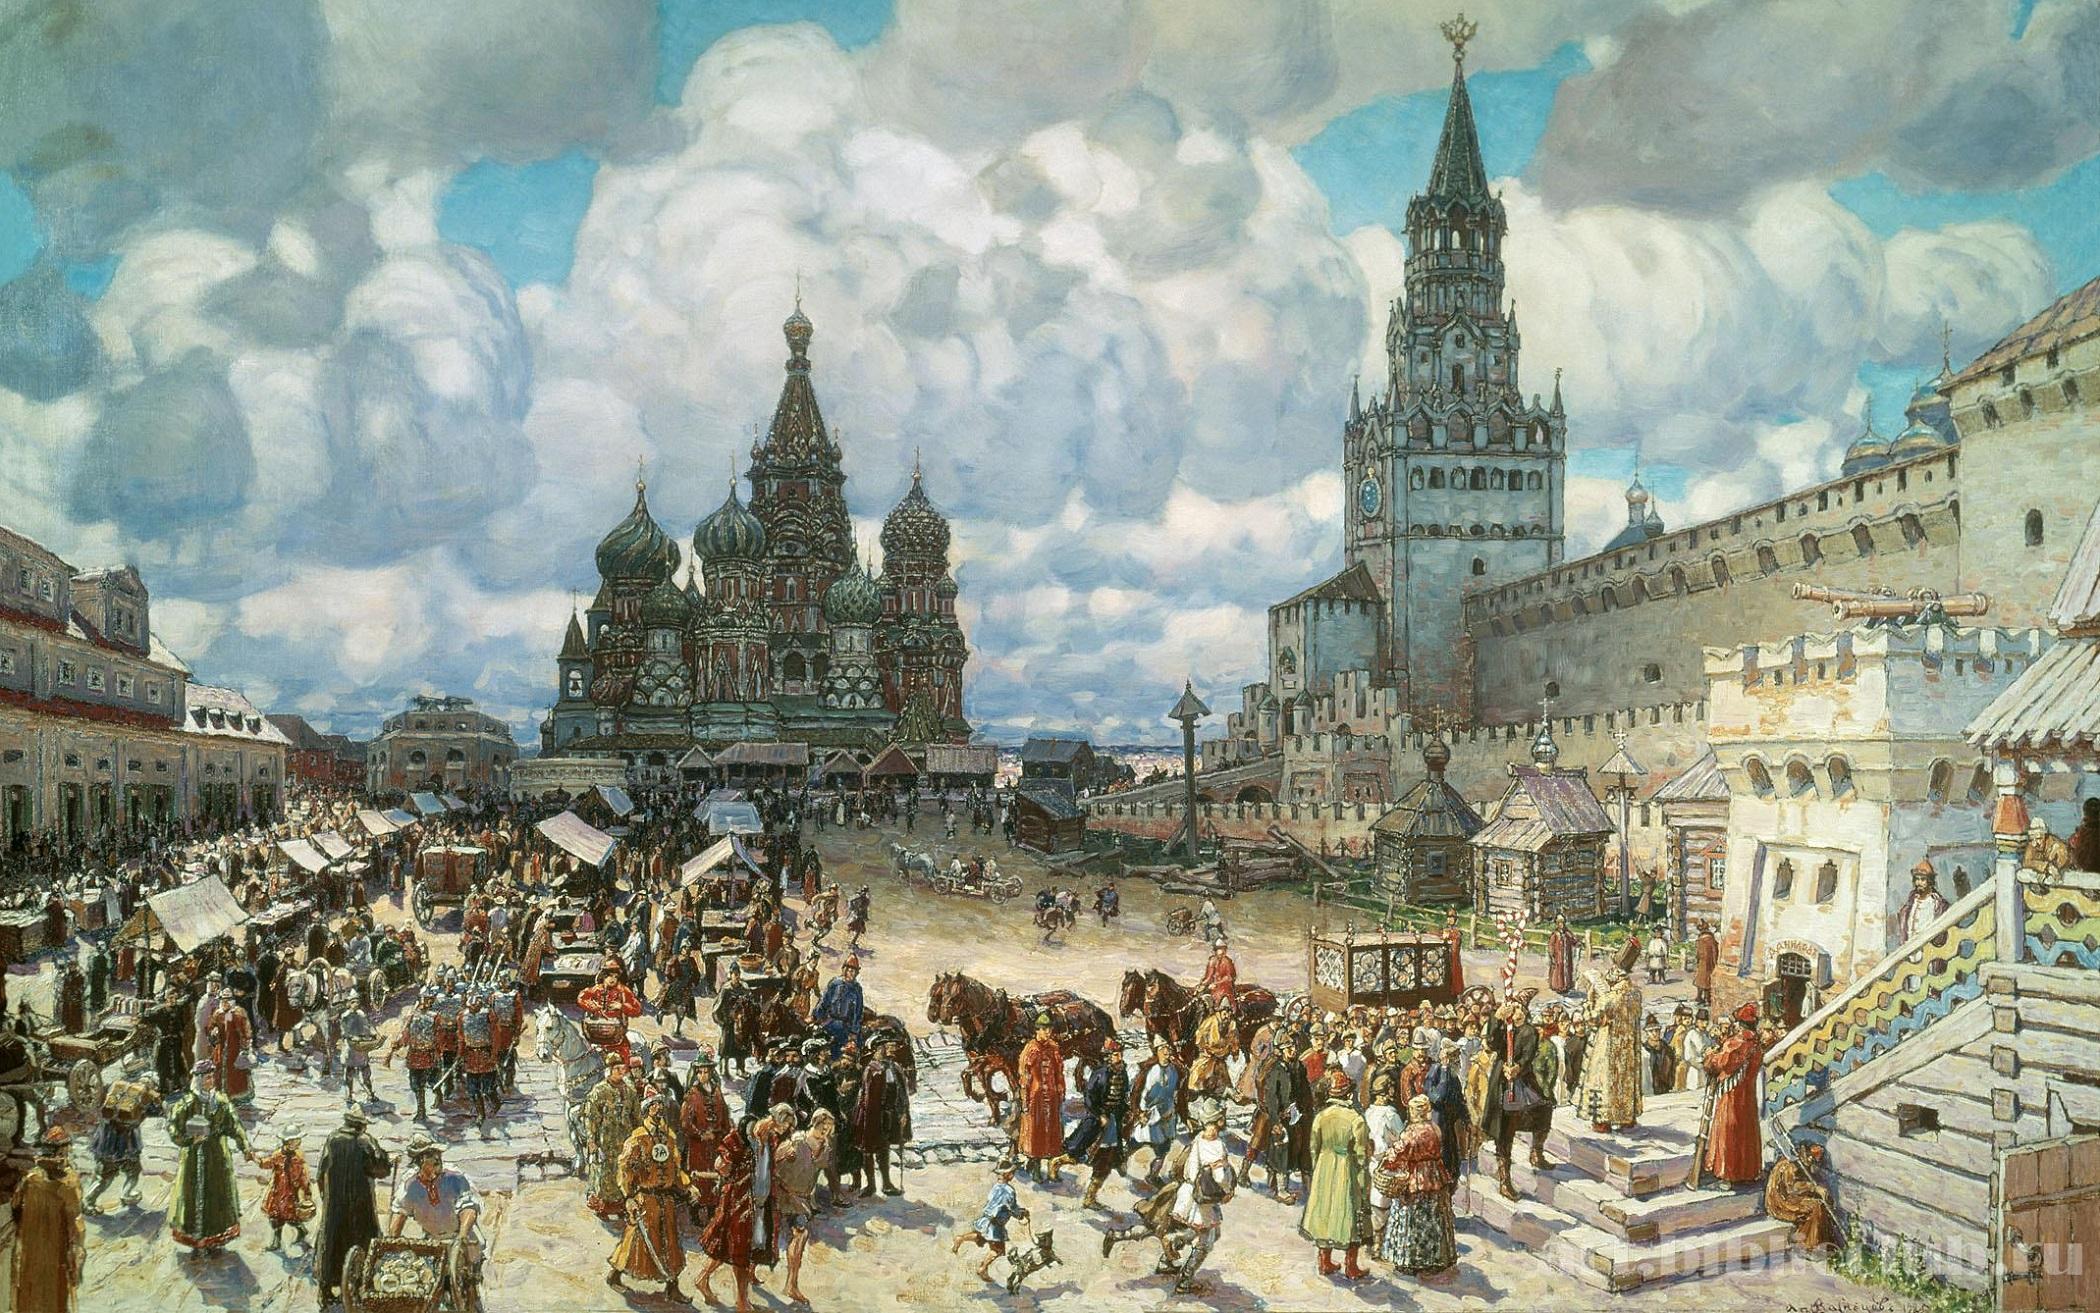 Долгие проводы: Позднее Средневековье после Ренессанса как своеобразие архитектурной хронологии России